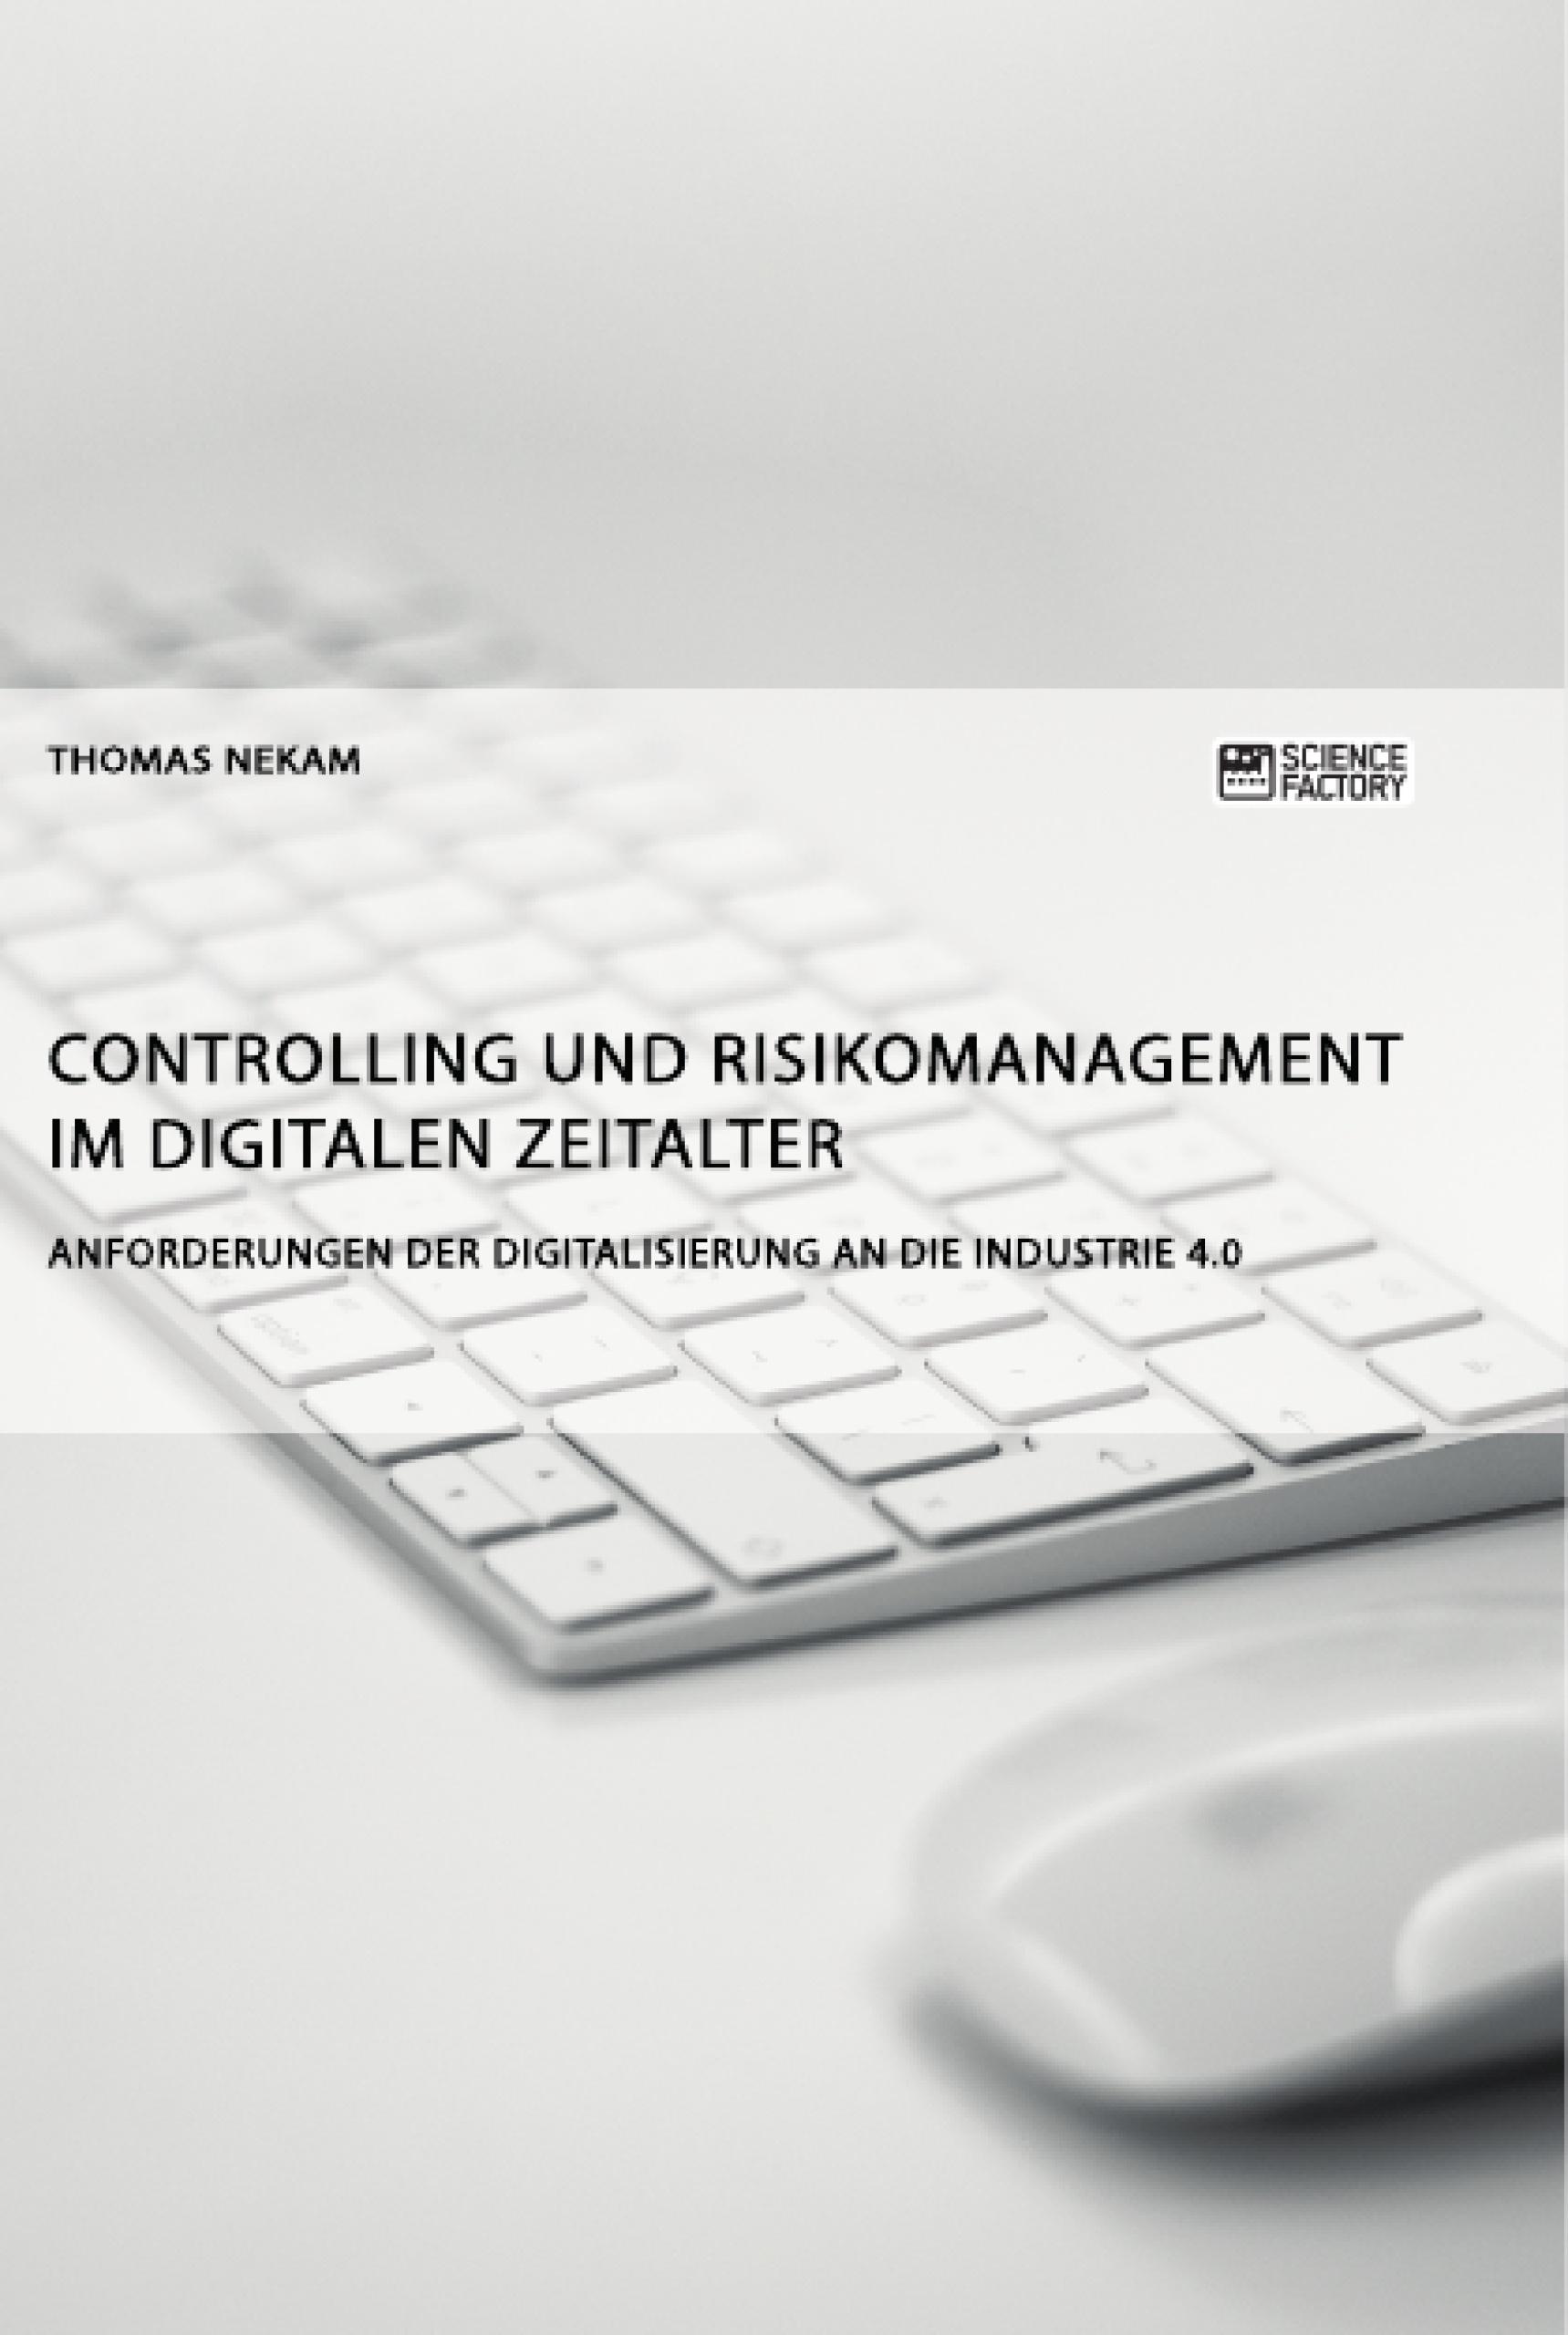 Titel: Controlling und Risikomanagement im digitalen Zeitalter. Anforderungen der Digitalisierung an die Industrie 4.0